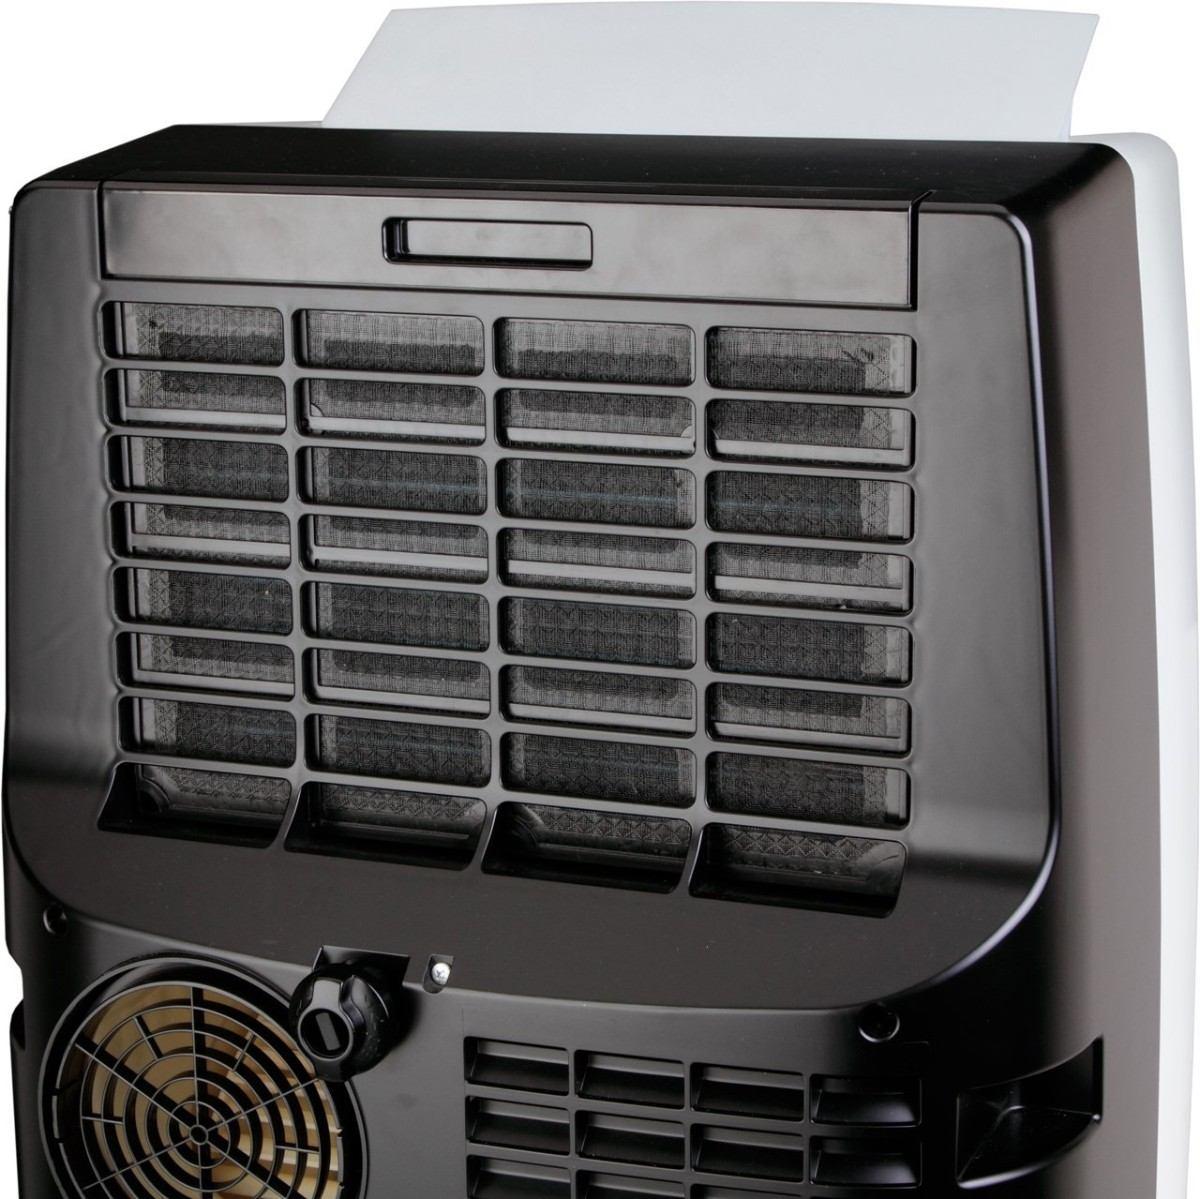 Aire acondicionado honeywell mn12ces 12 000 btu portatil for Aire acondicionado 12000 frigorias